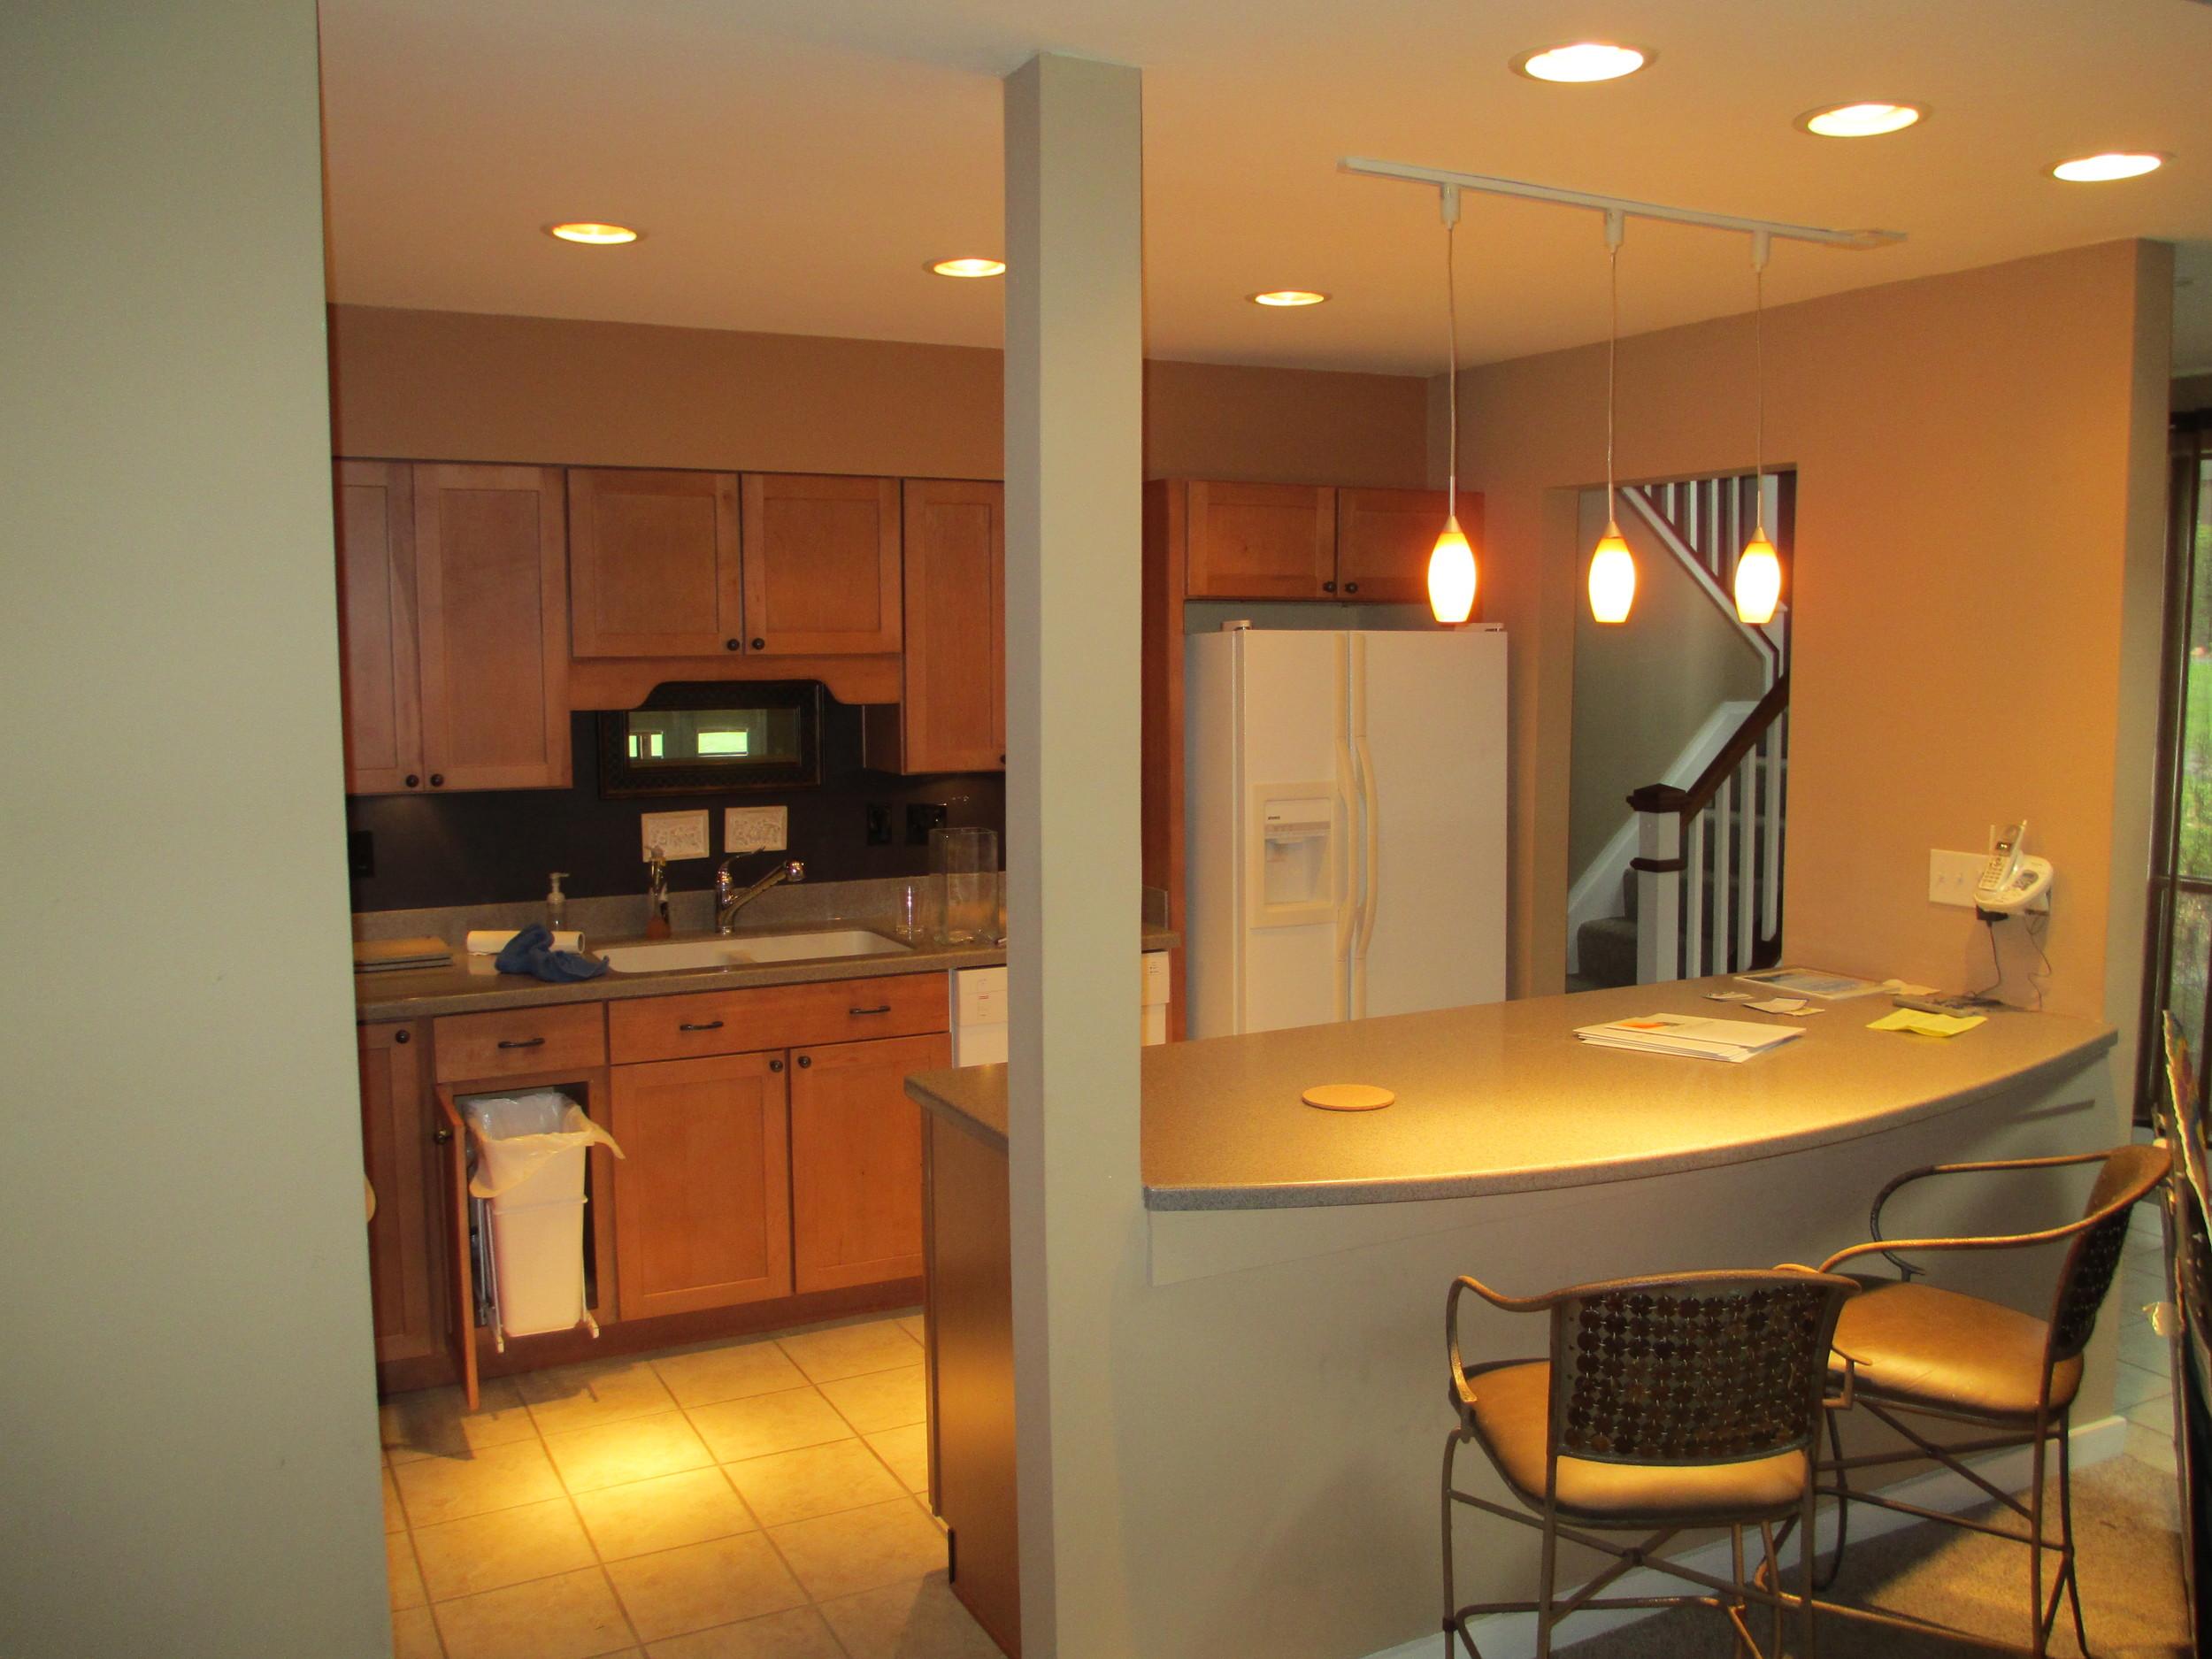 West Latonia Kitchen Renovations